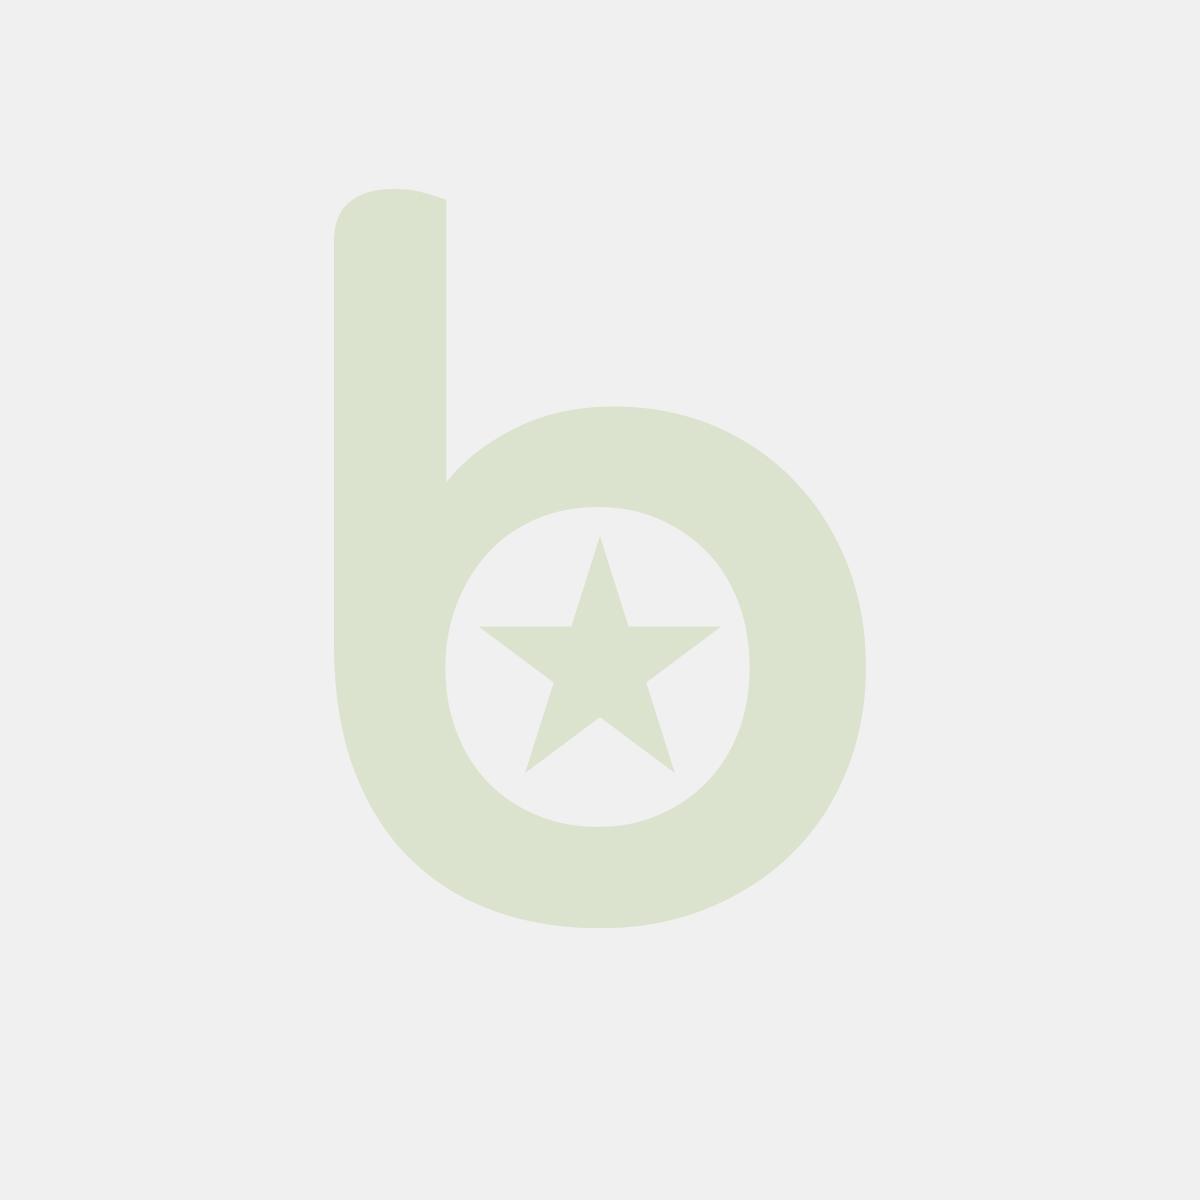 KEBAB BOX 750ml, nadruk standard SMACZNEGO brązowy, cena za opakowanie 50szt